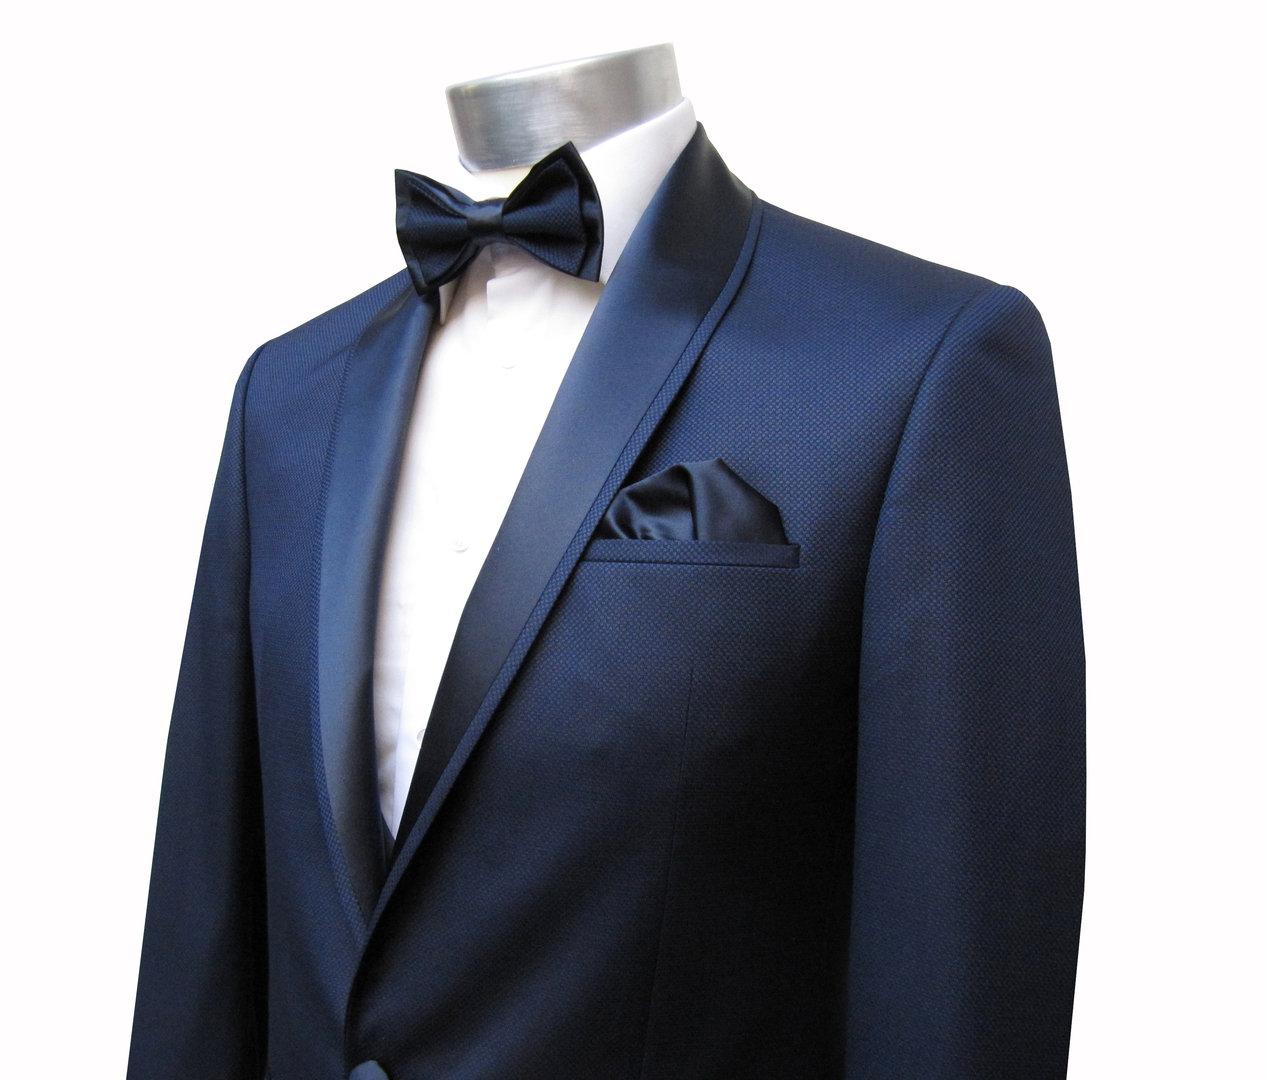 Hochzeitsanzug Herren 5 Teilig Dunkelblau Muga Koln Mode